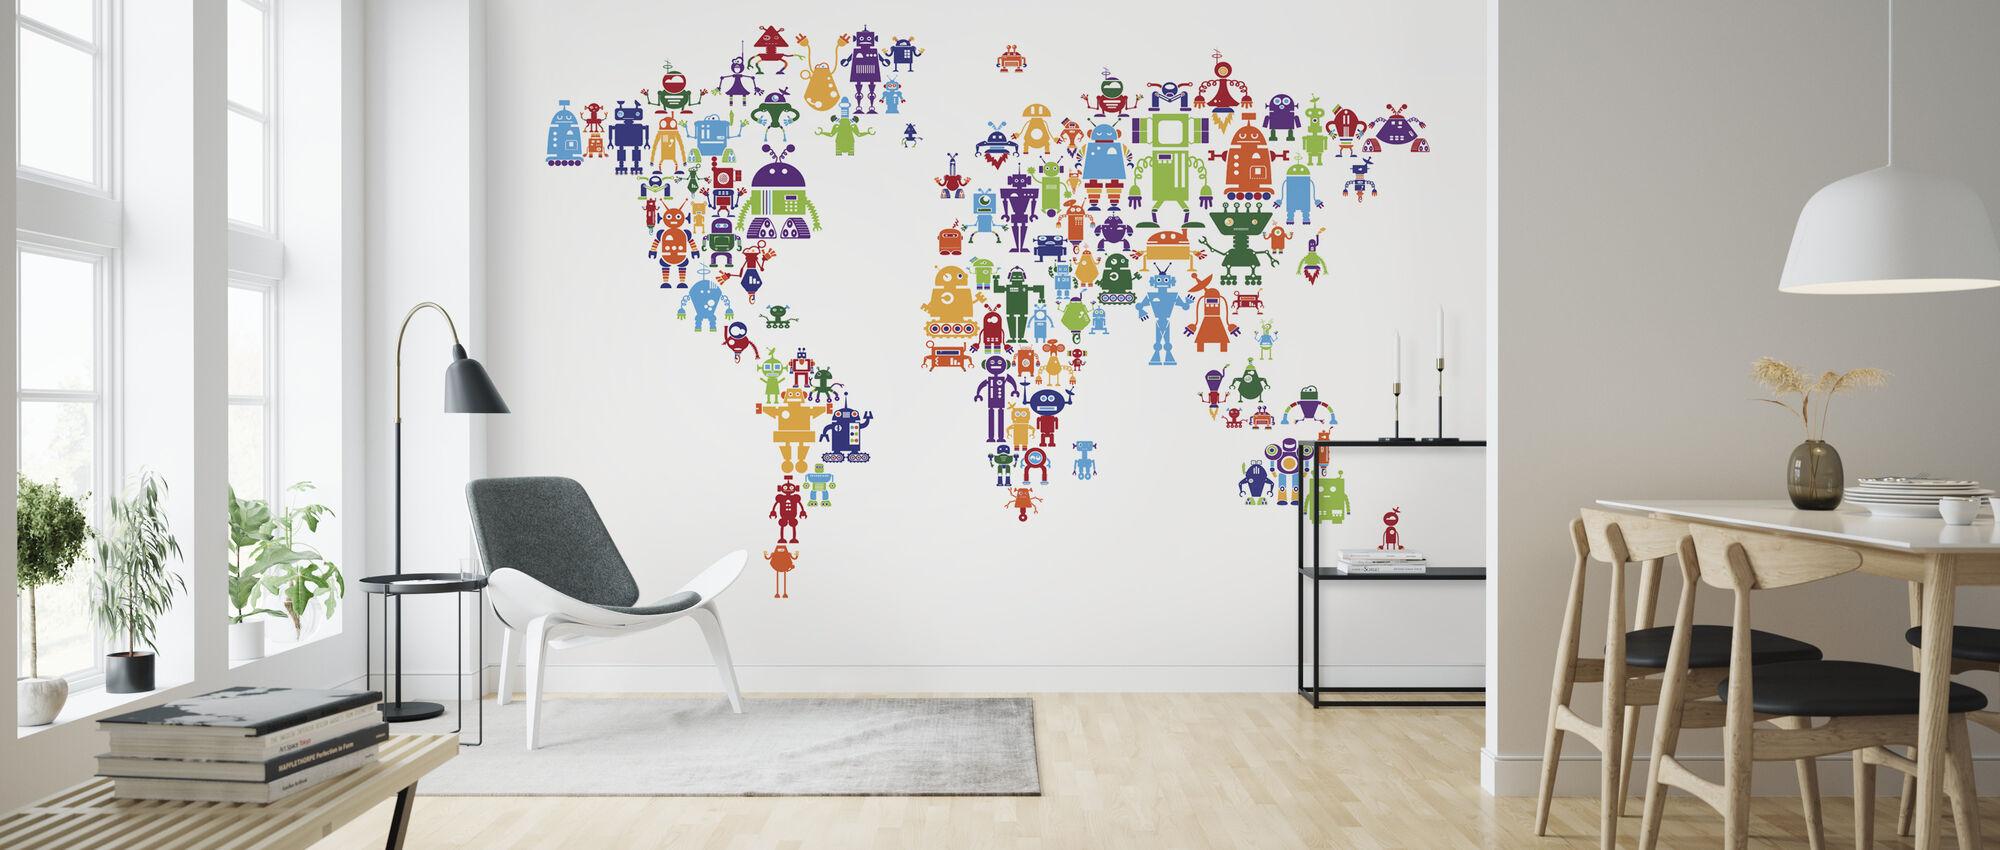 Robotit Maailmankartta - Tapetti - Olohuone